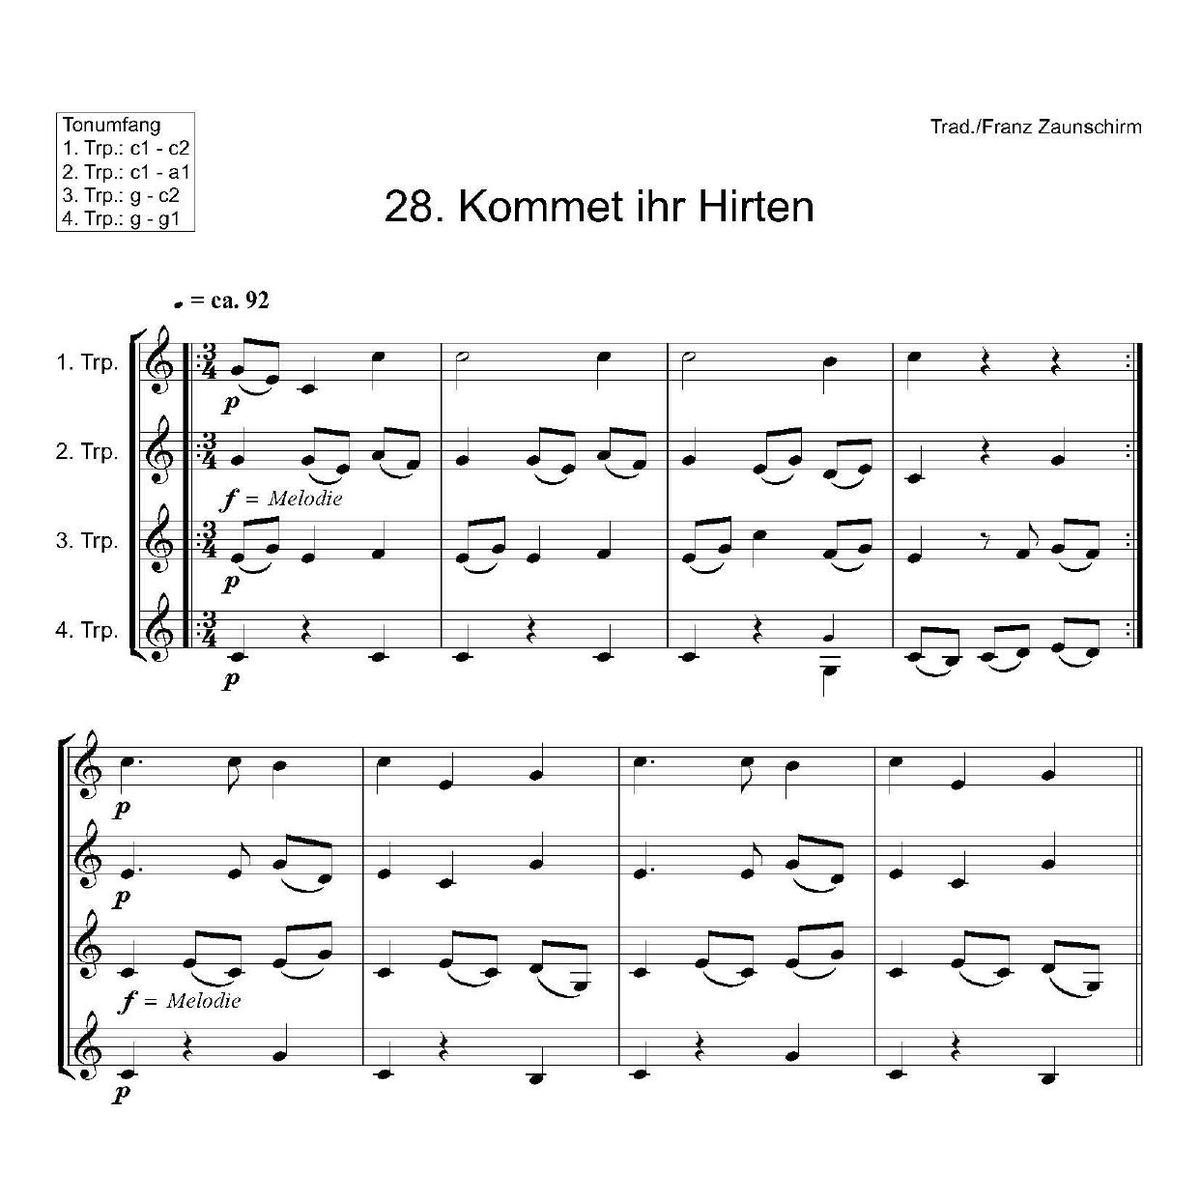 Weihnachtslieder Noten Pdf